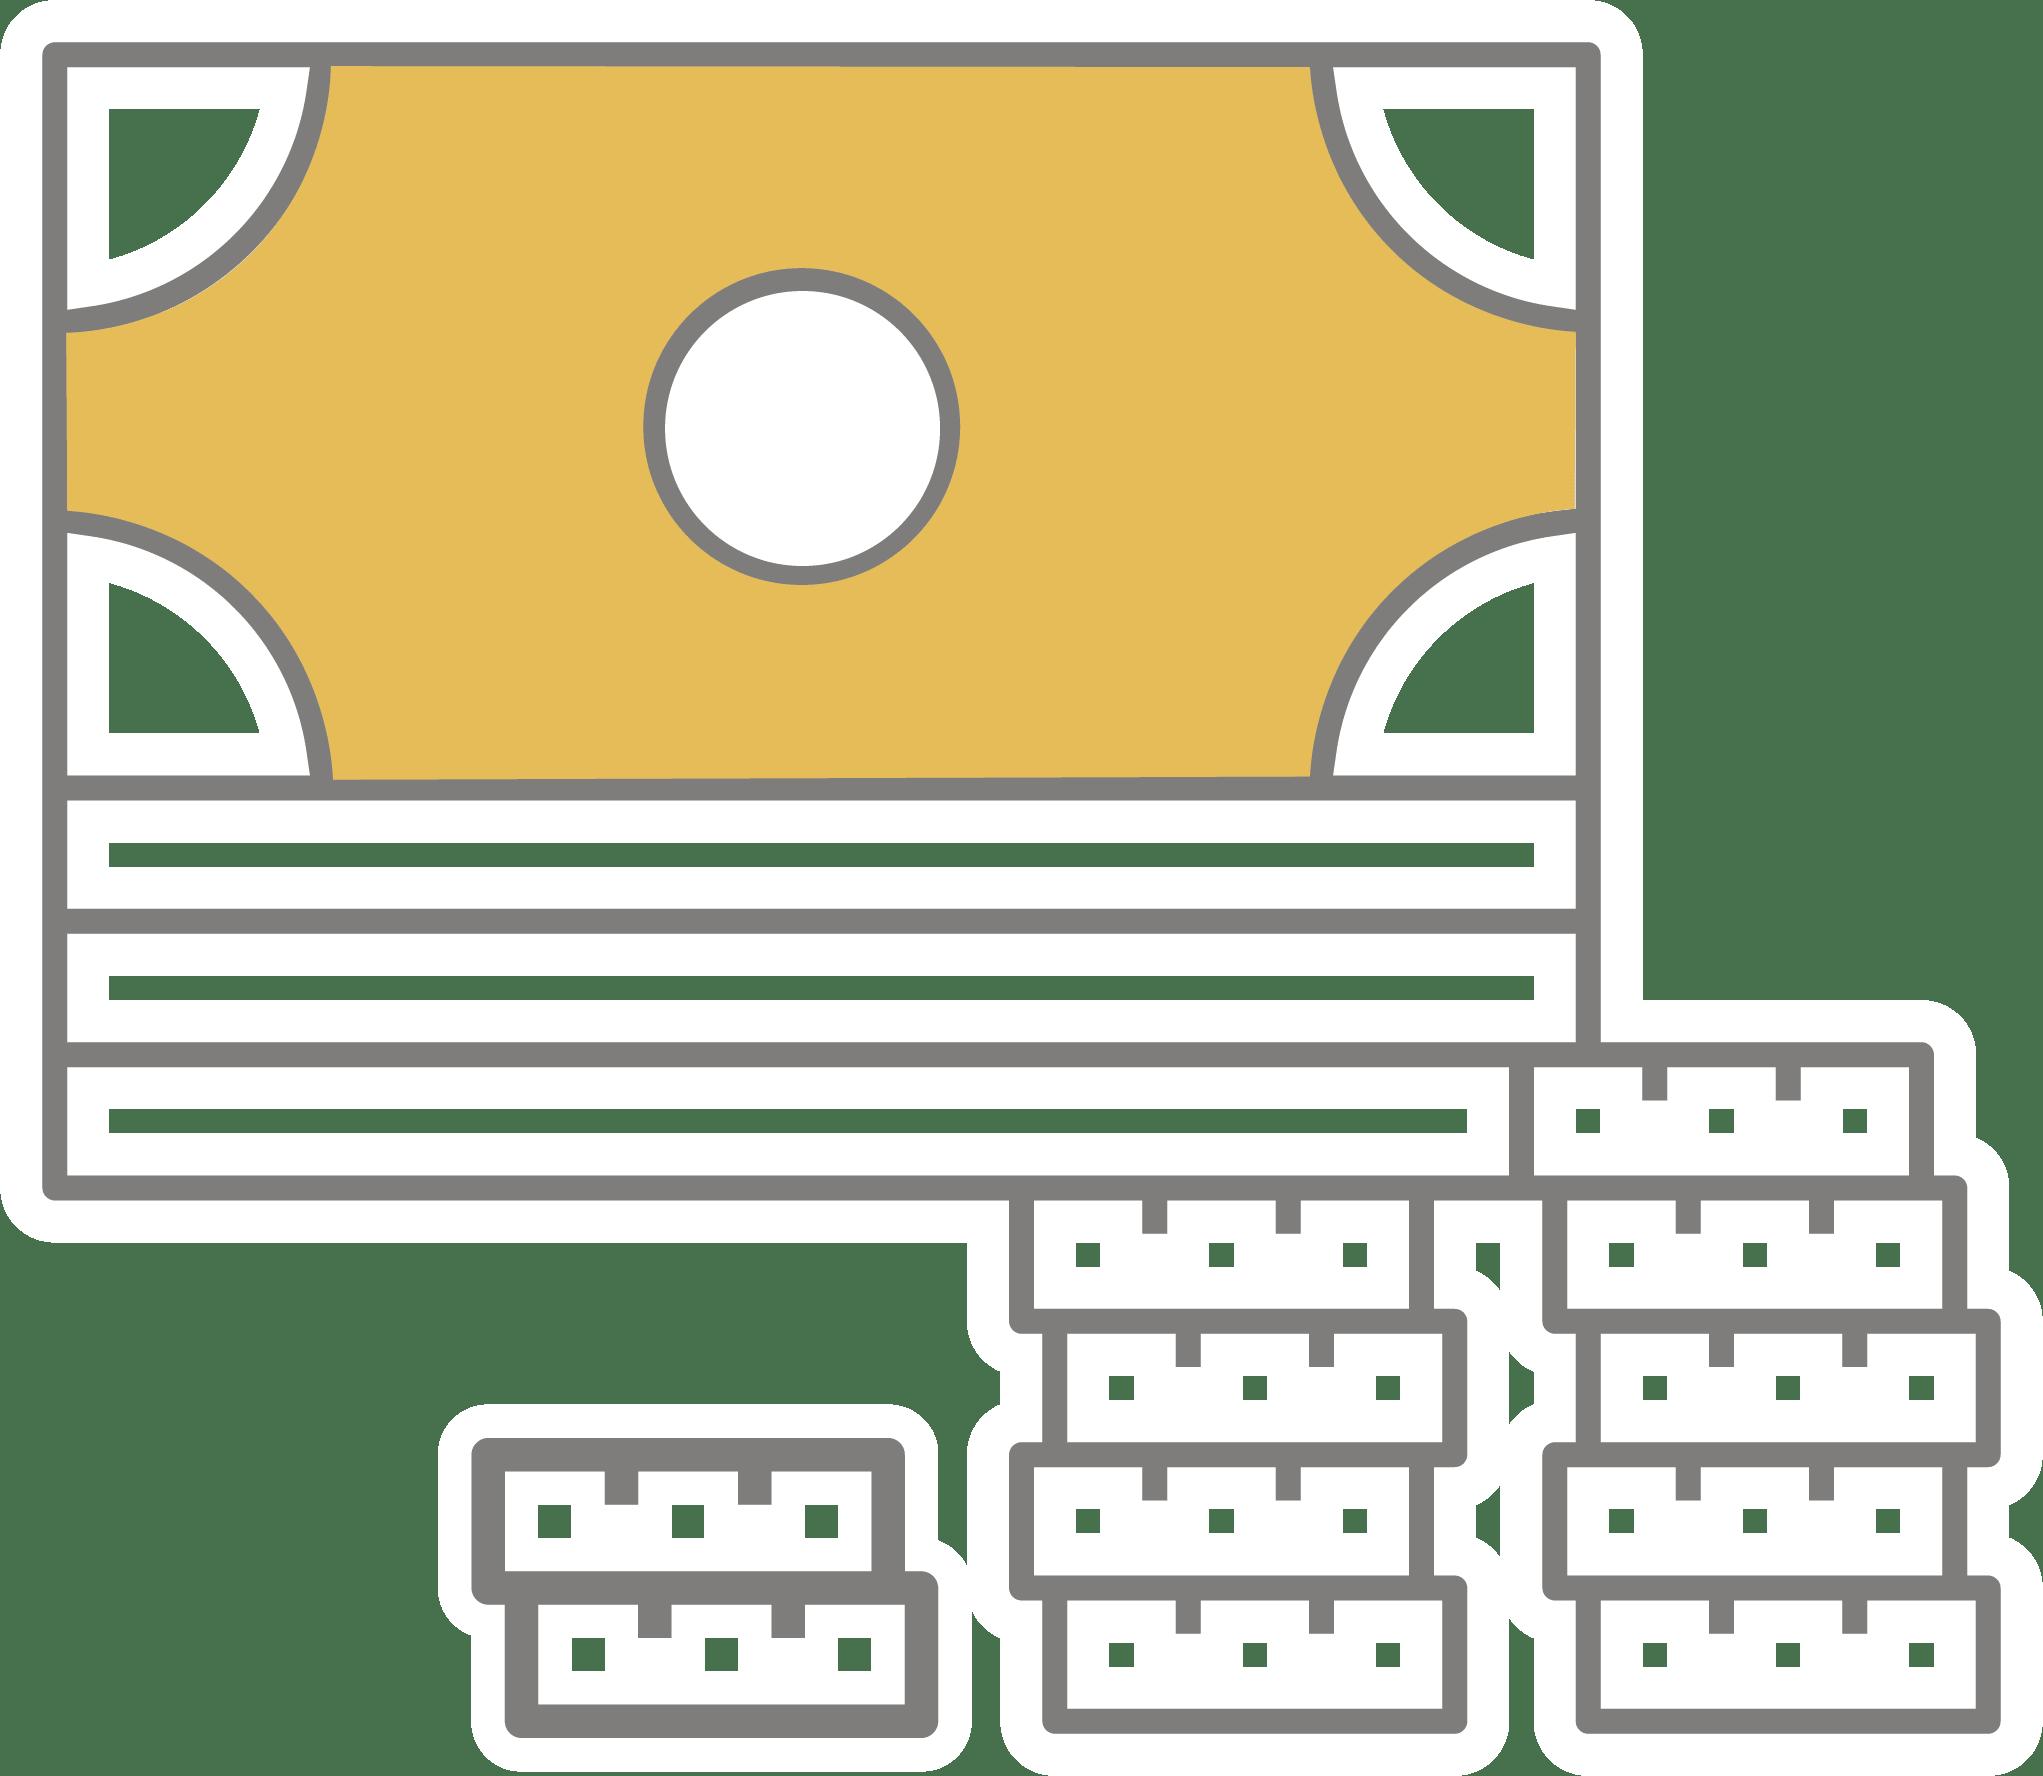 мкк займ инвест процентная ставка на потребительский кредит в втб на сегодня